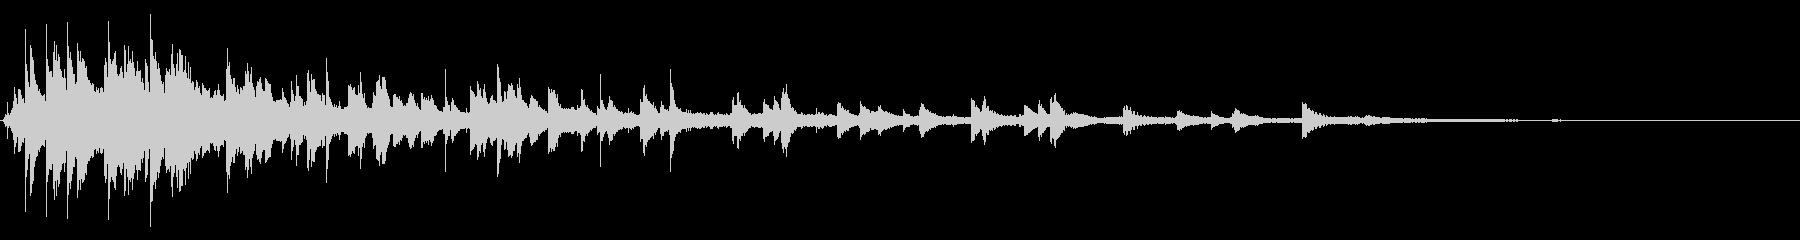 ベルチャイムリング2の未再生の波形